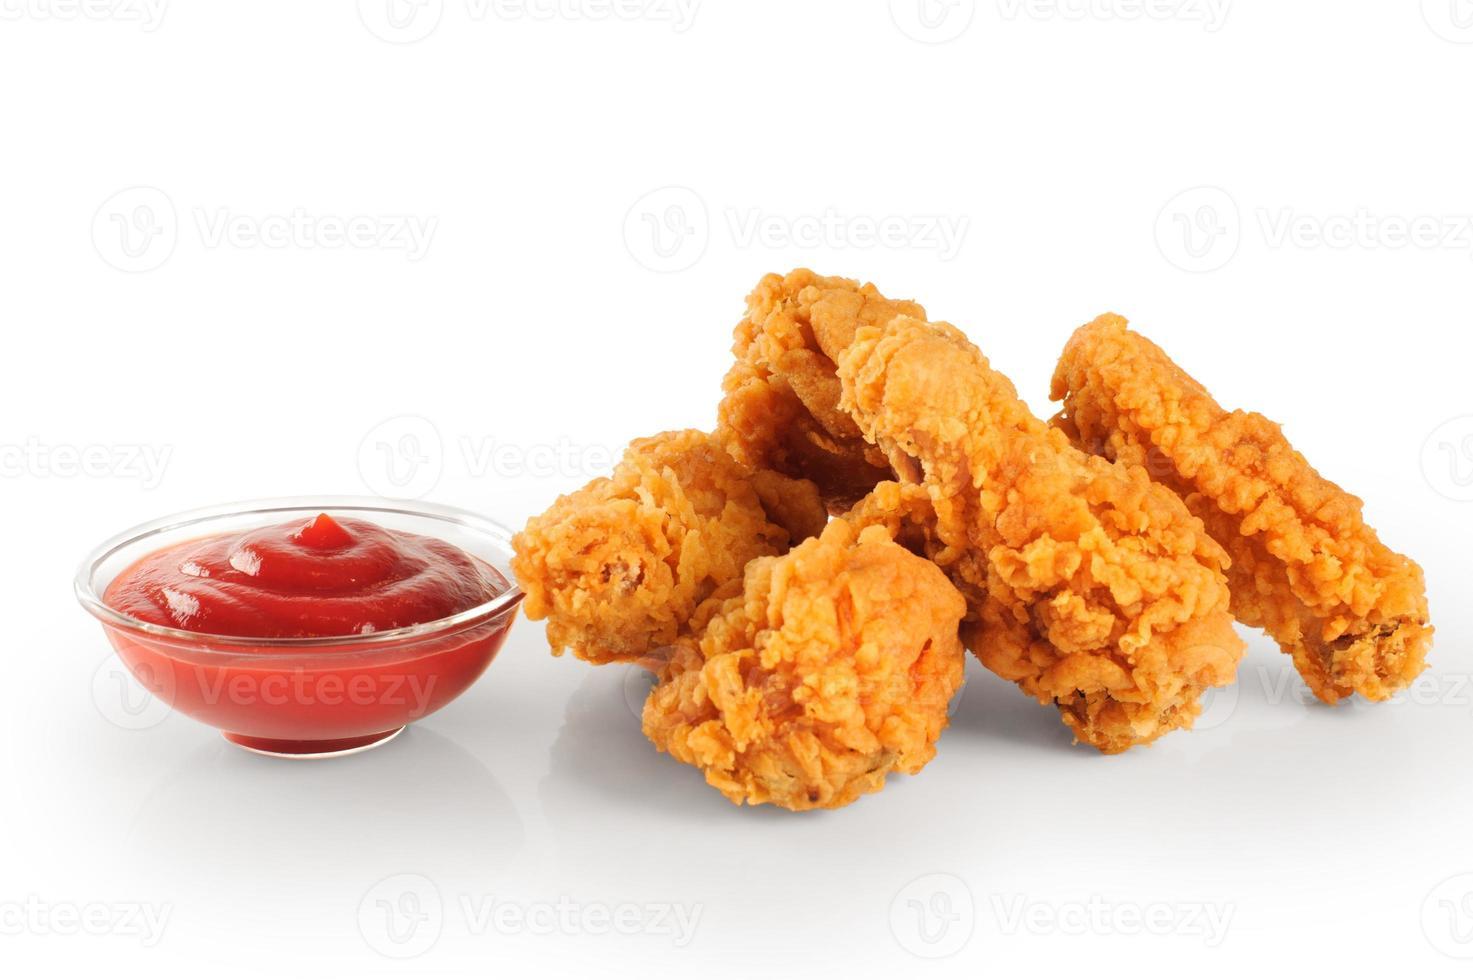 stekt i smet kycklingvingar och ketchup foto